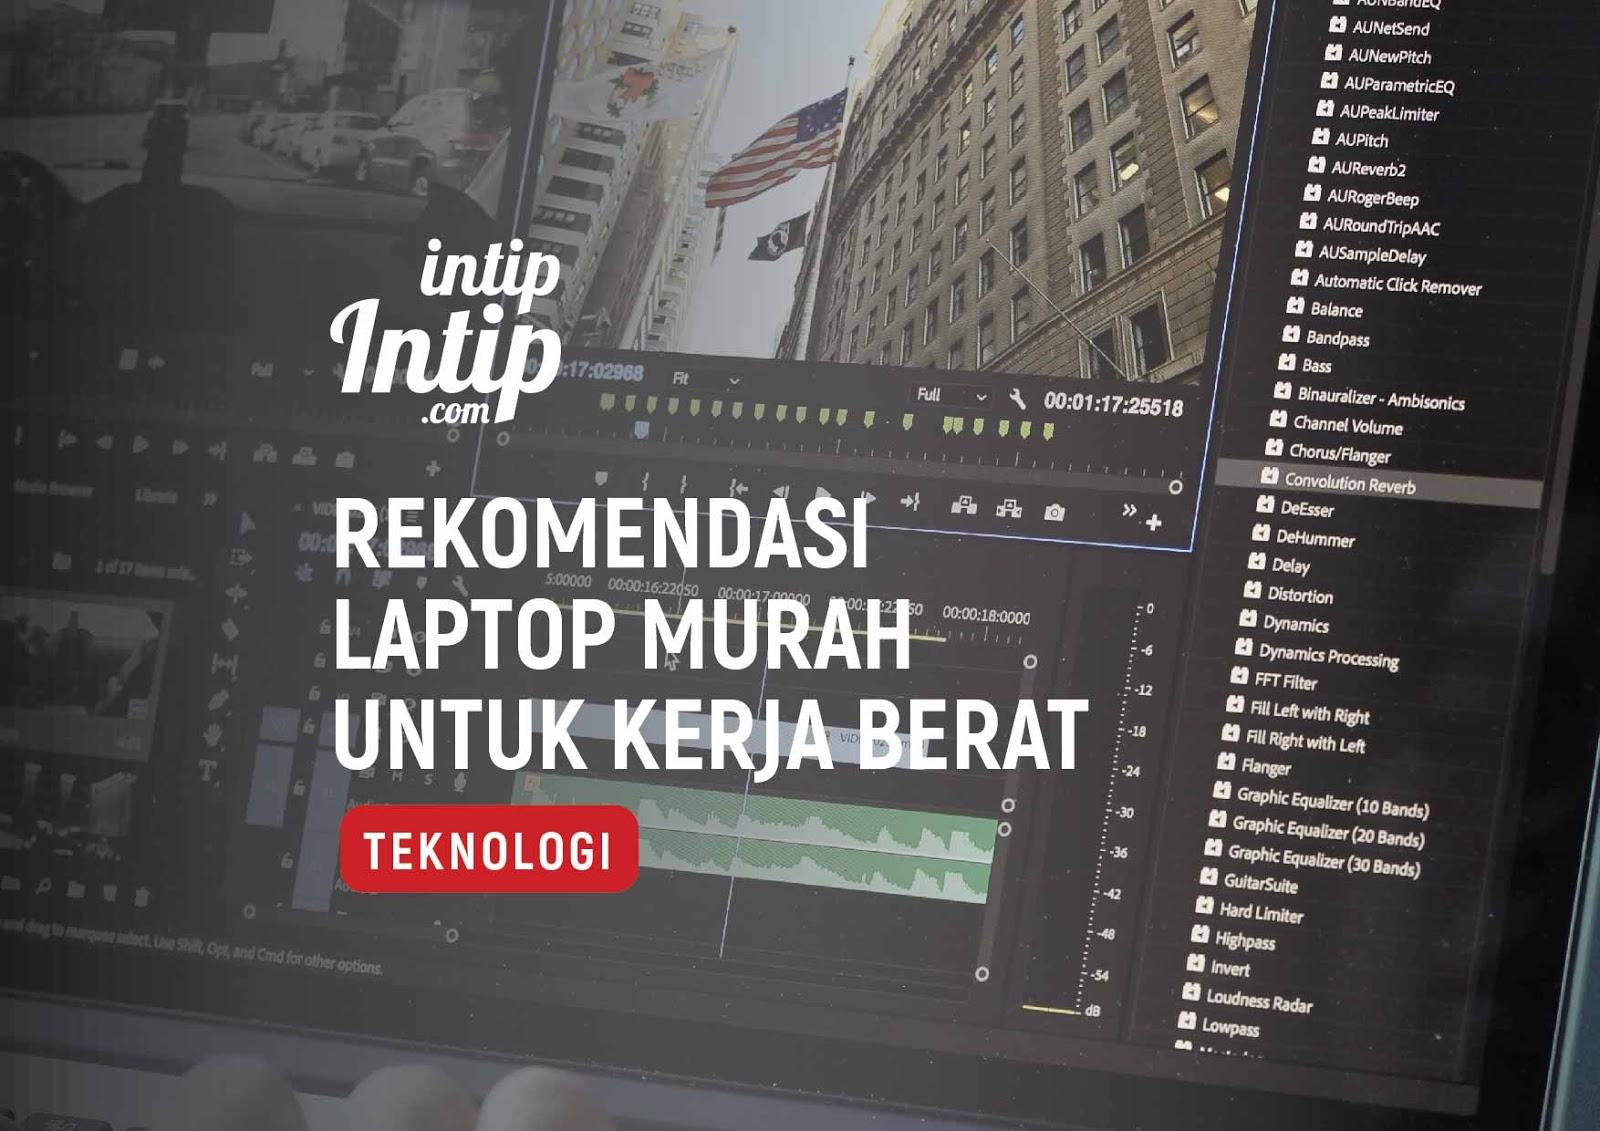 Rekomendasi Laptop Murah Untuk Kerja Berat